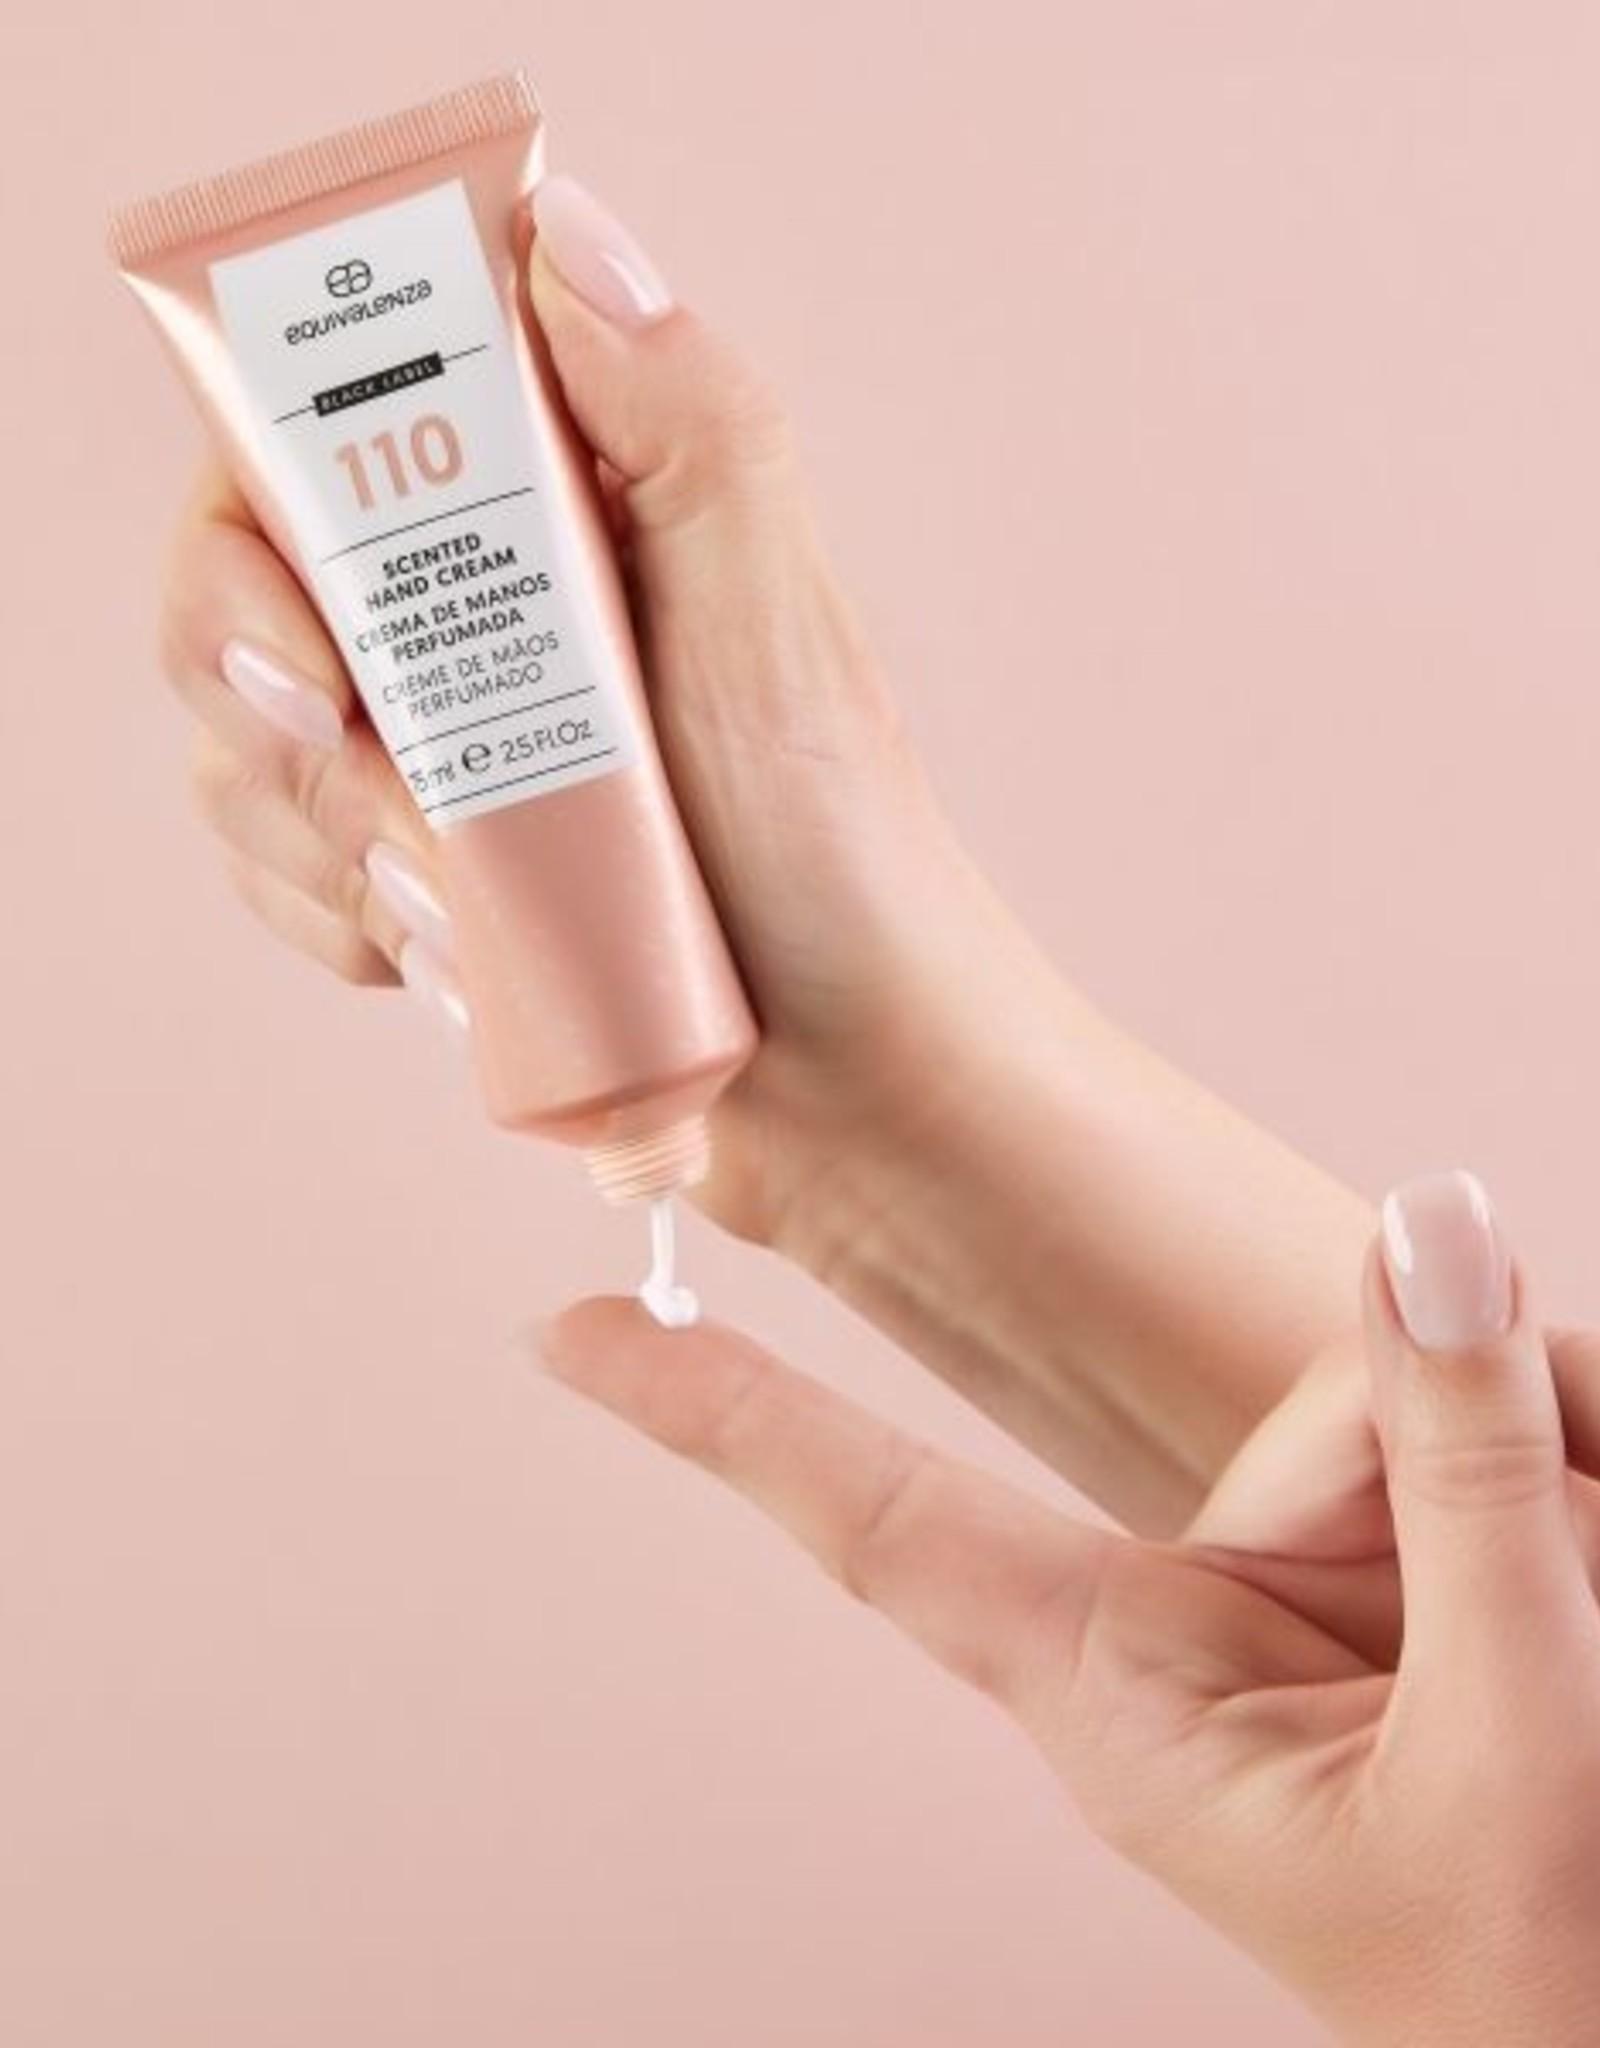 Equivalenza Black Label Hand Cream 110